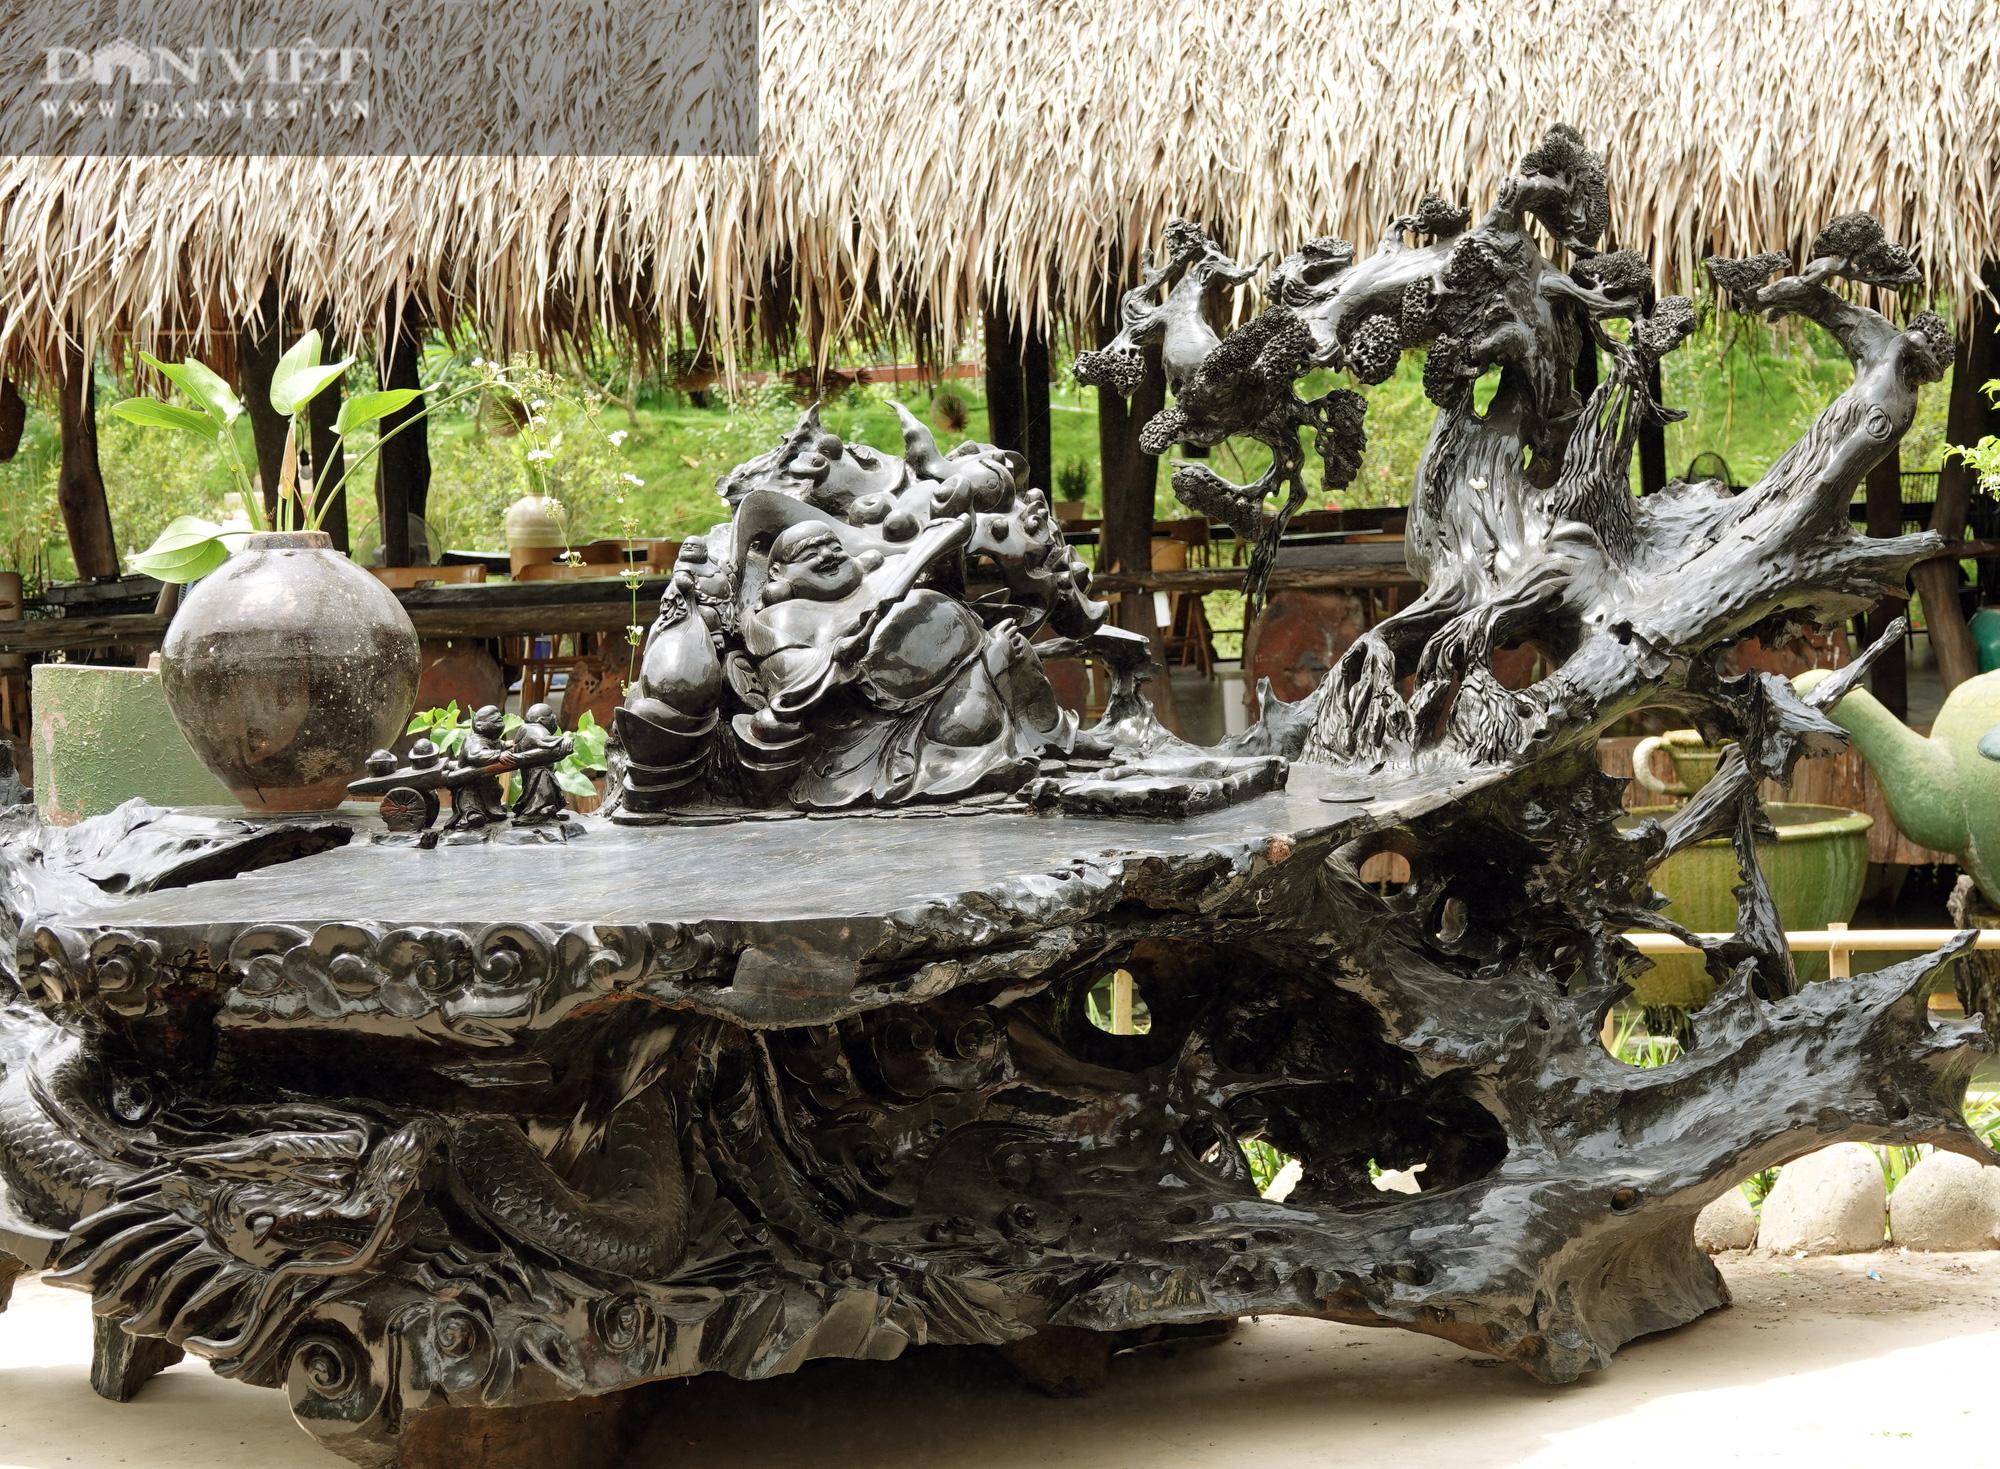 Bộ sưu tập tượng khủng làm từ những khúc gỗ quý hiếm bị chôn vùi dưới lòng sông hàng trăm năm  - Ảnh 5.